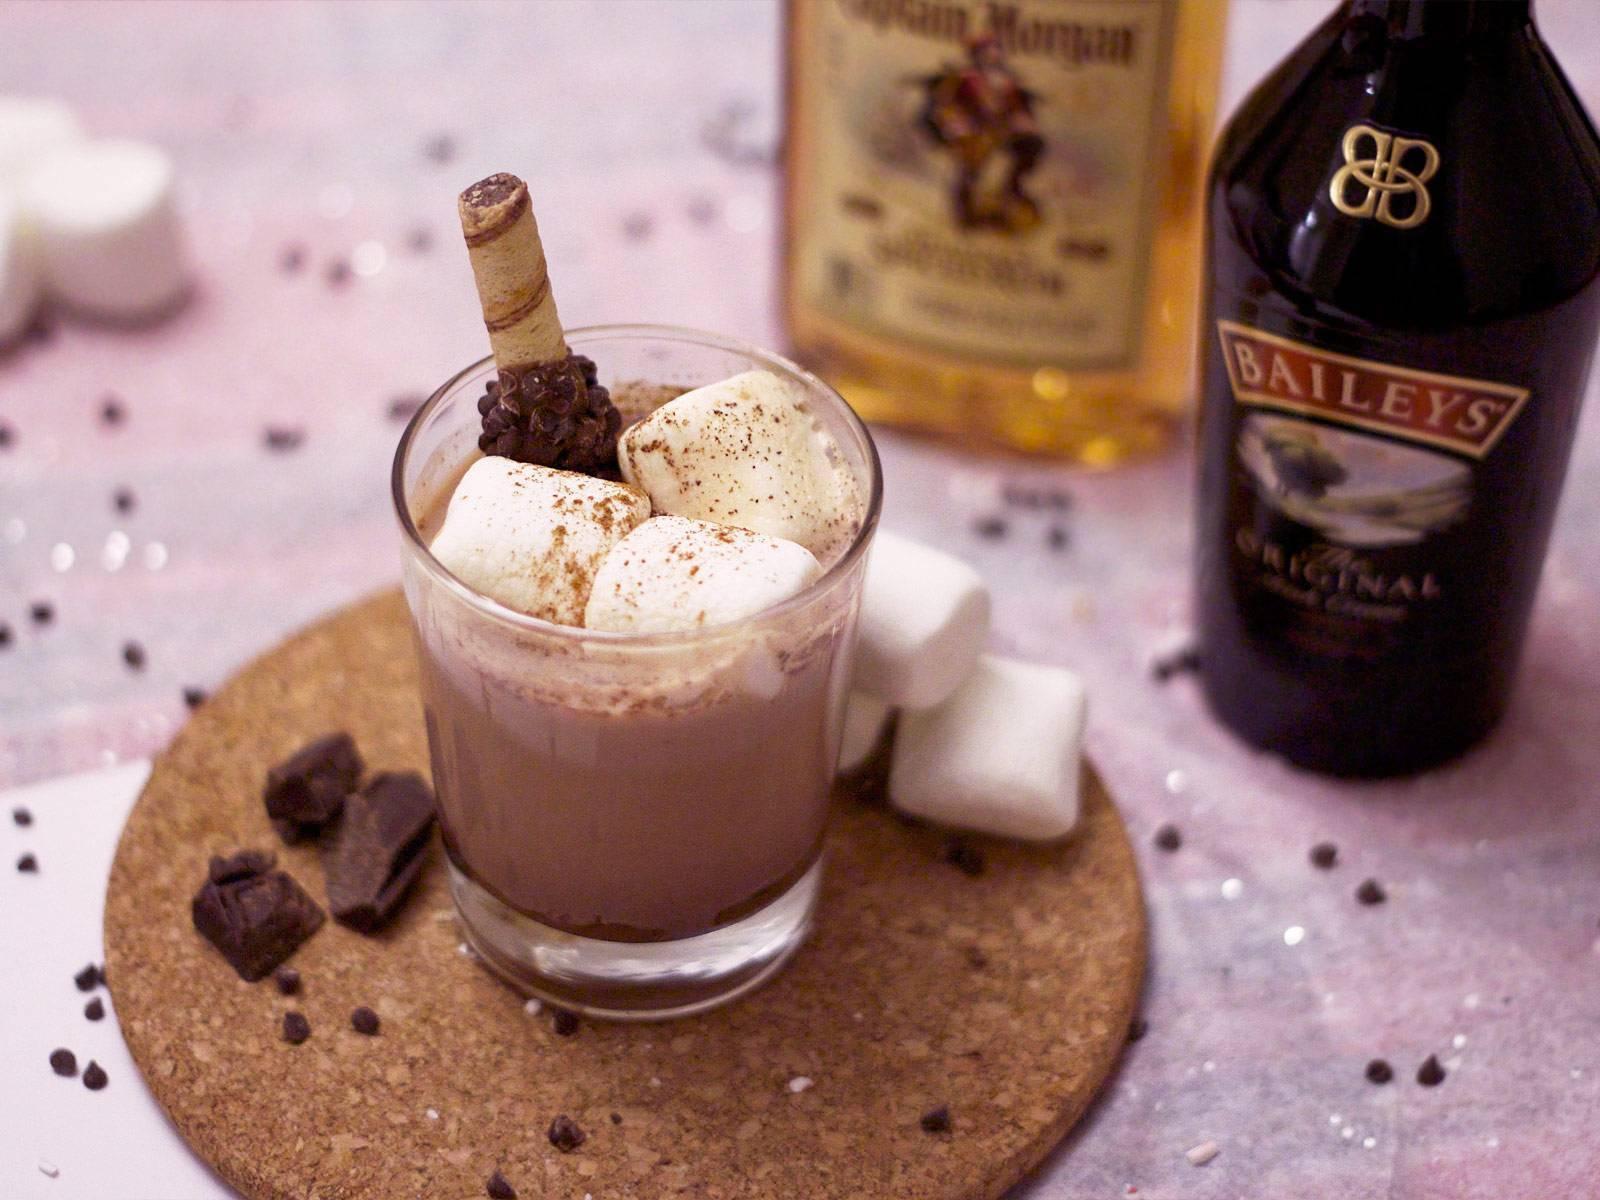 Кофе с ликером: вкусные рецепты с амаретто, бейлиз и пина колада